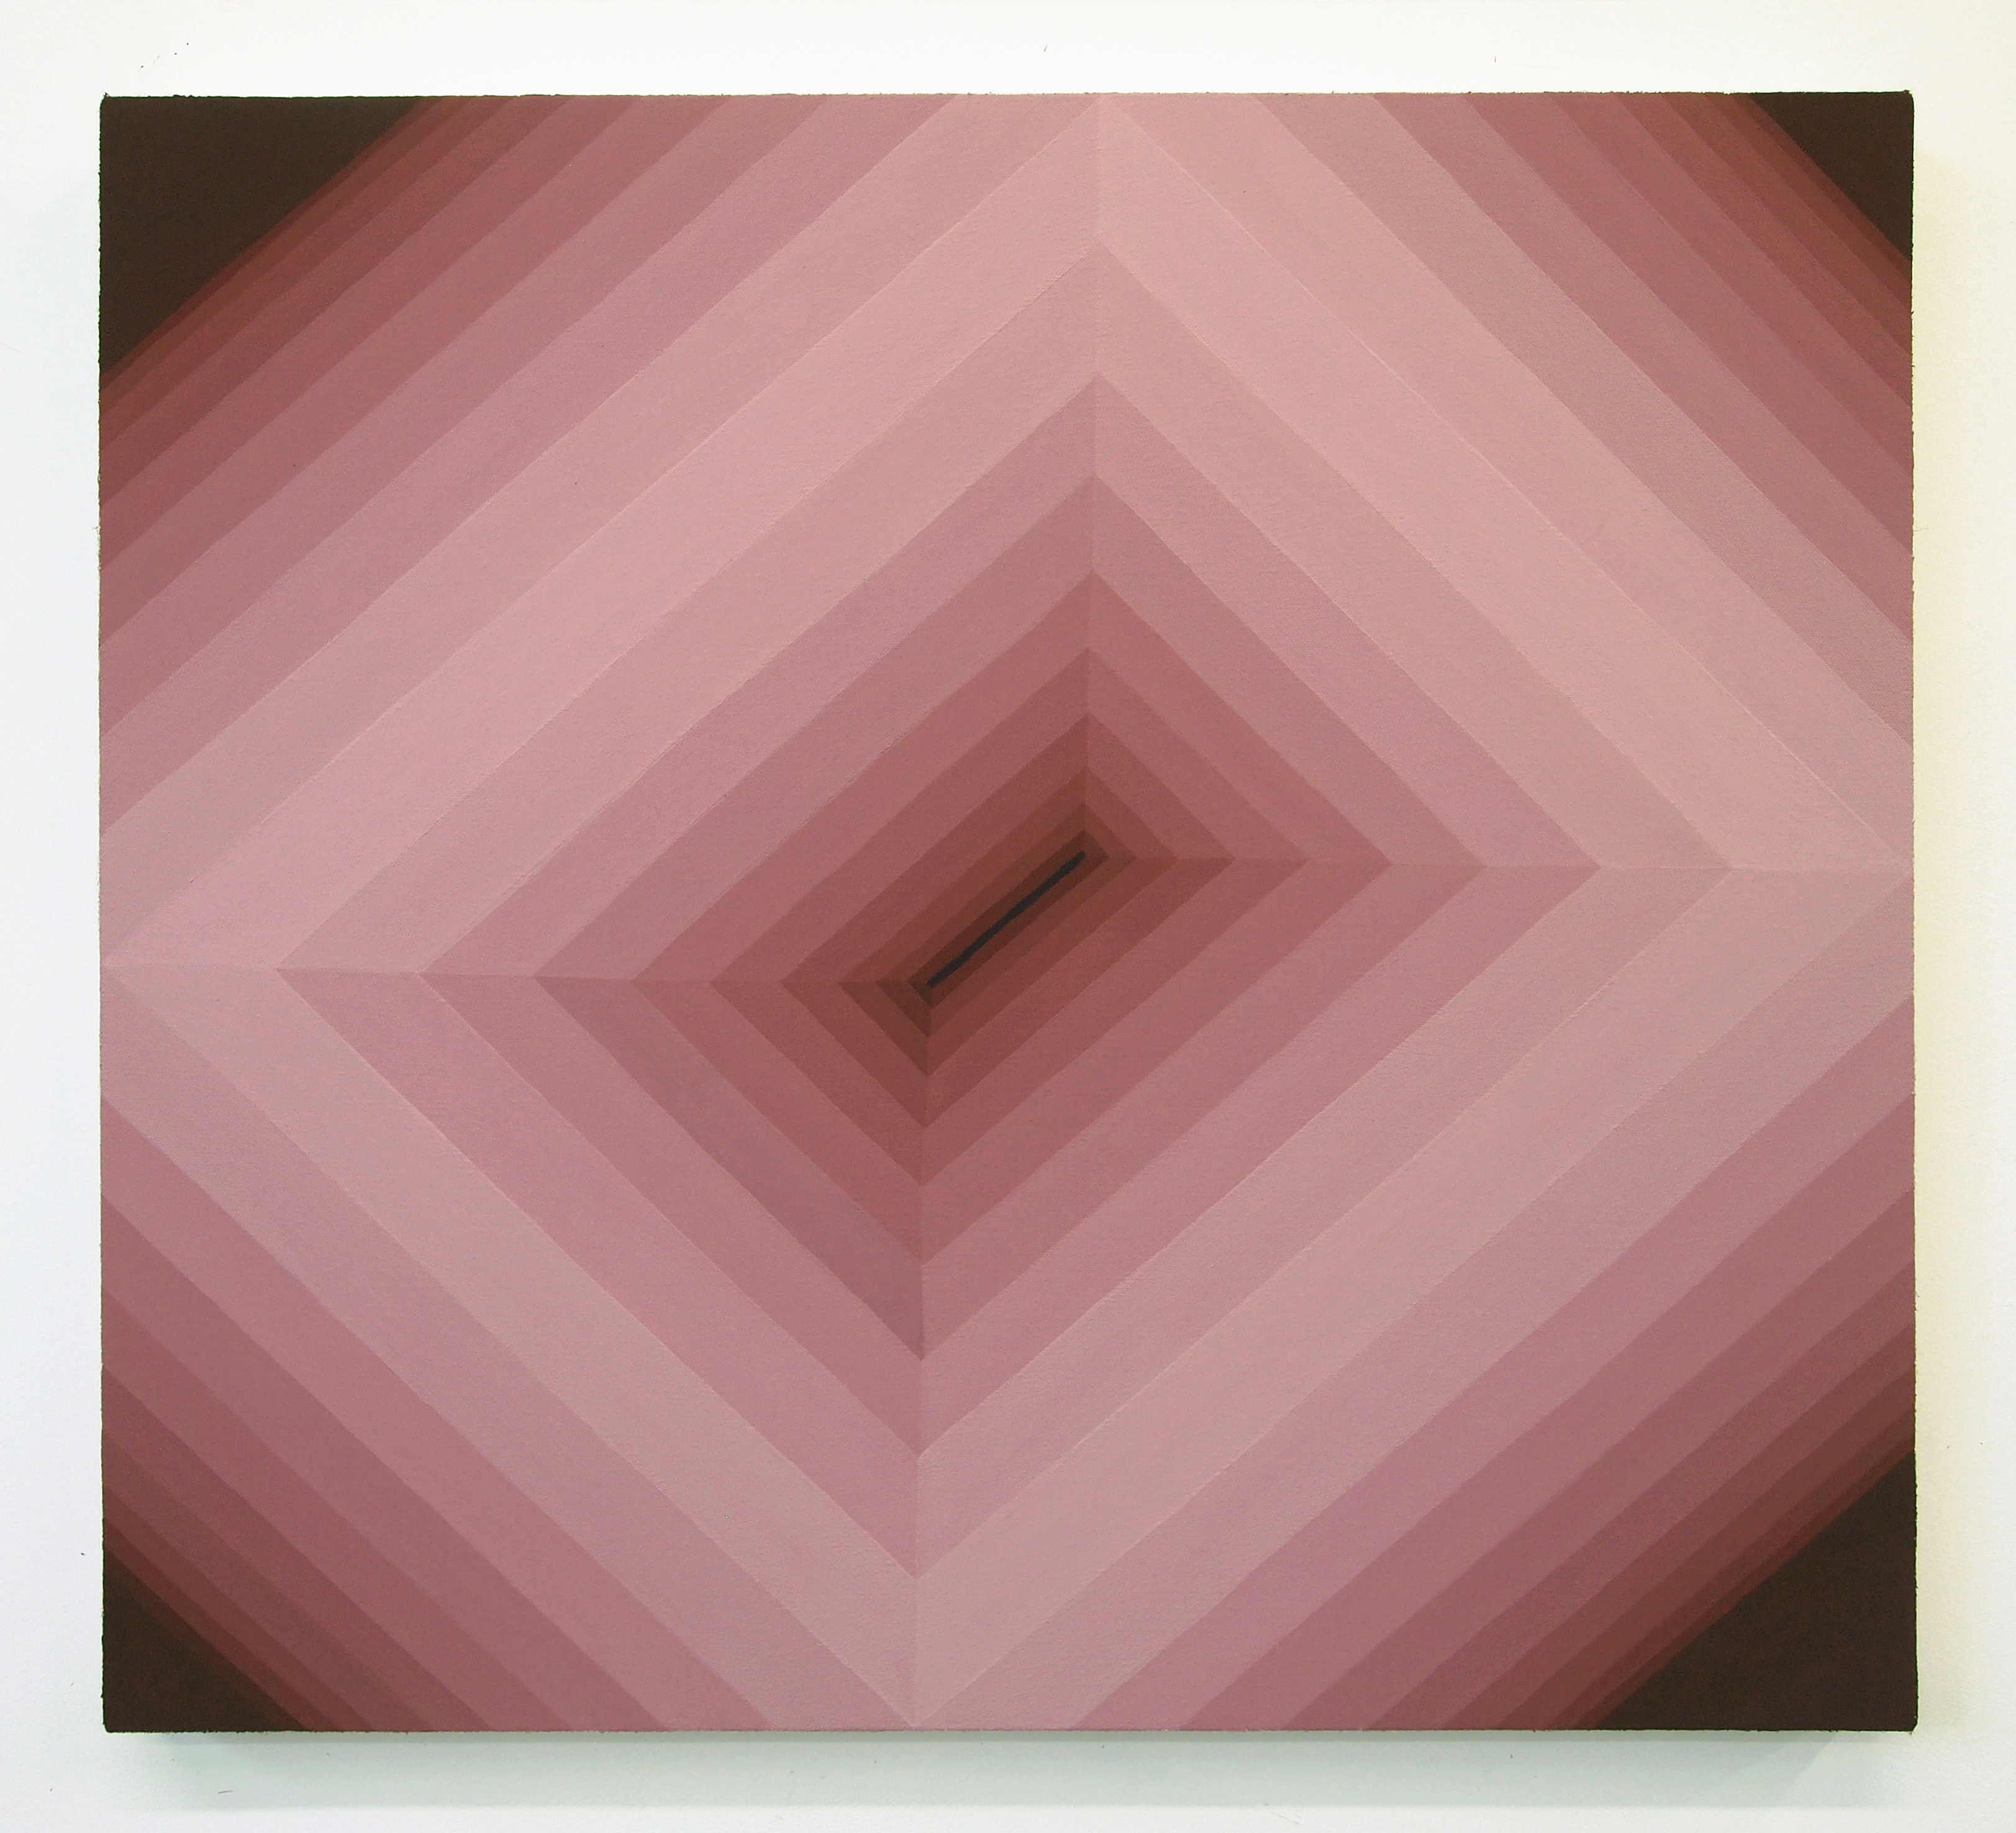 Corydon Cowansage, Hole 48, 2018, acrylic on canvas, 22 x 24 inches